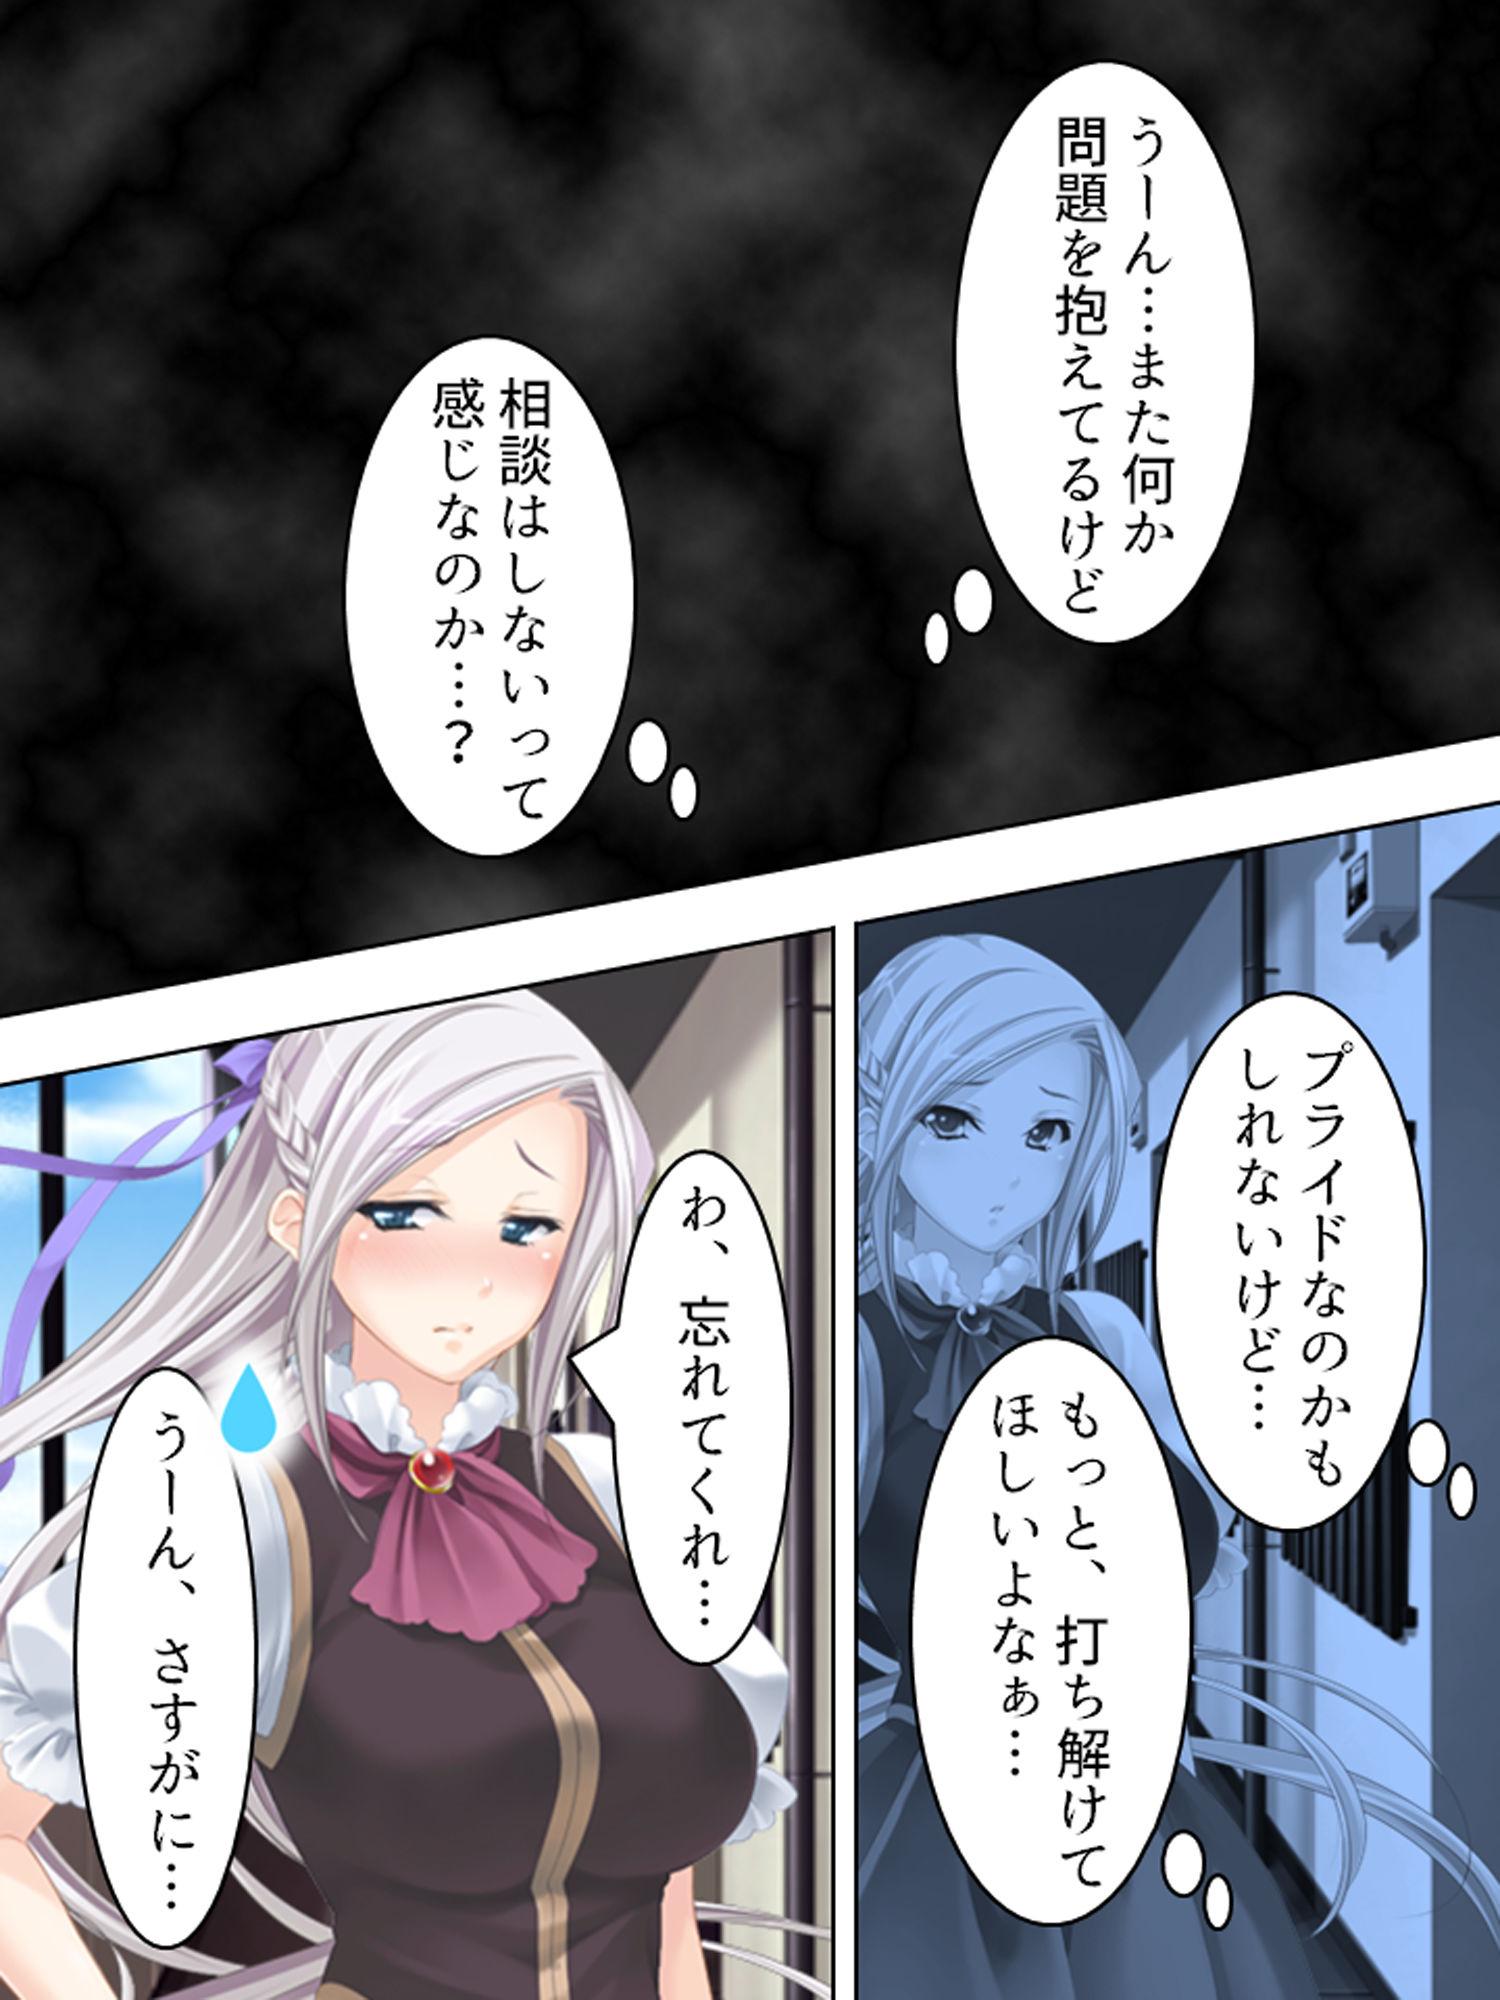 【エマ 同人】人気コスプレイヤーに憑いた夢魔を祓うセックス生活!中